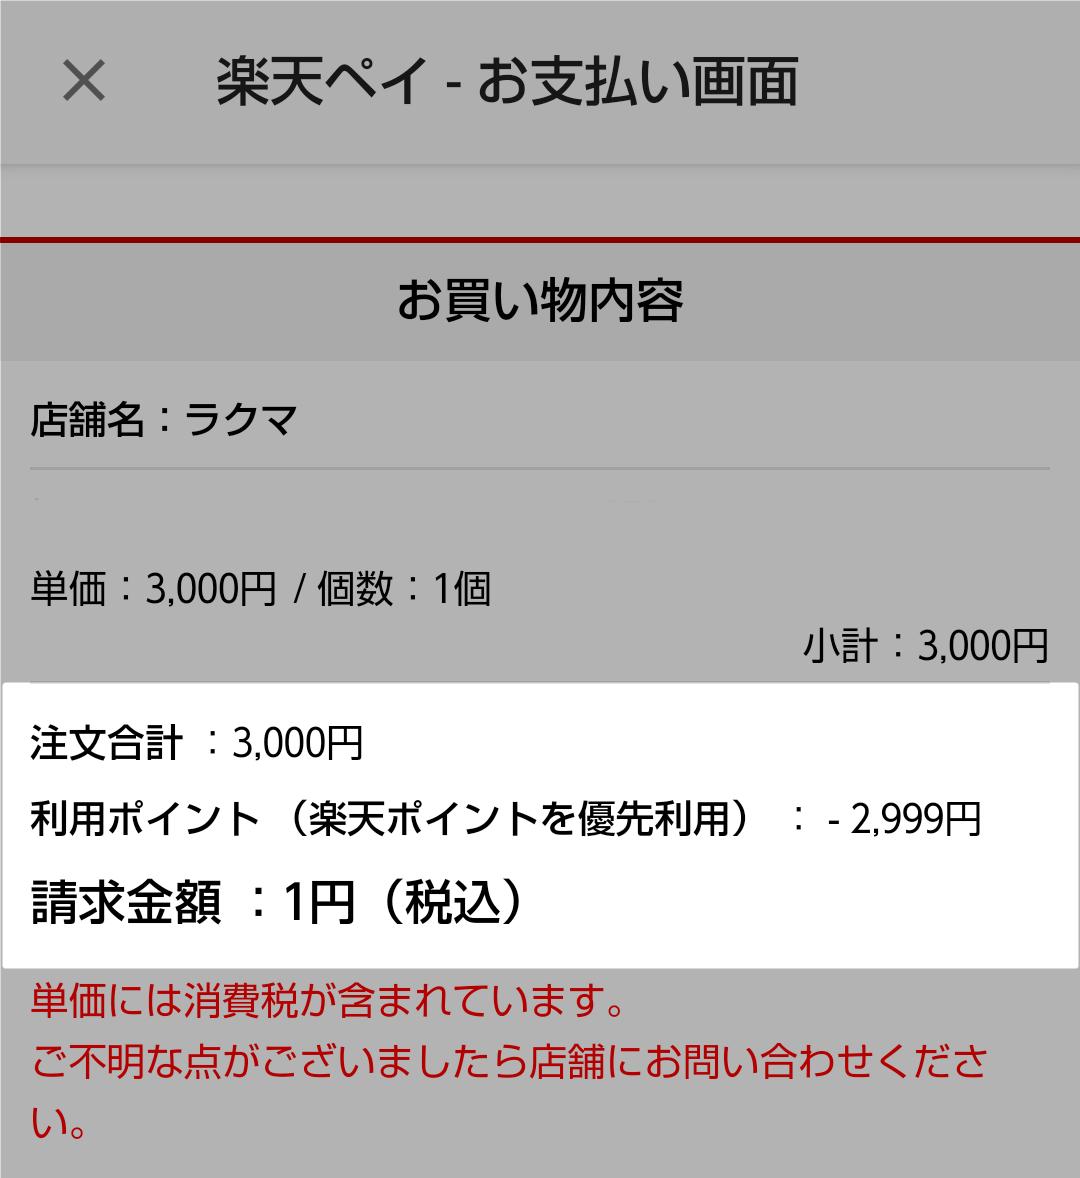 ラクマの支払い、楽天ペイで1円だけクレジットカード払い